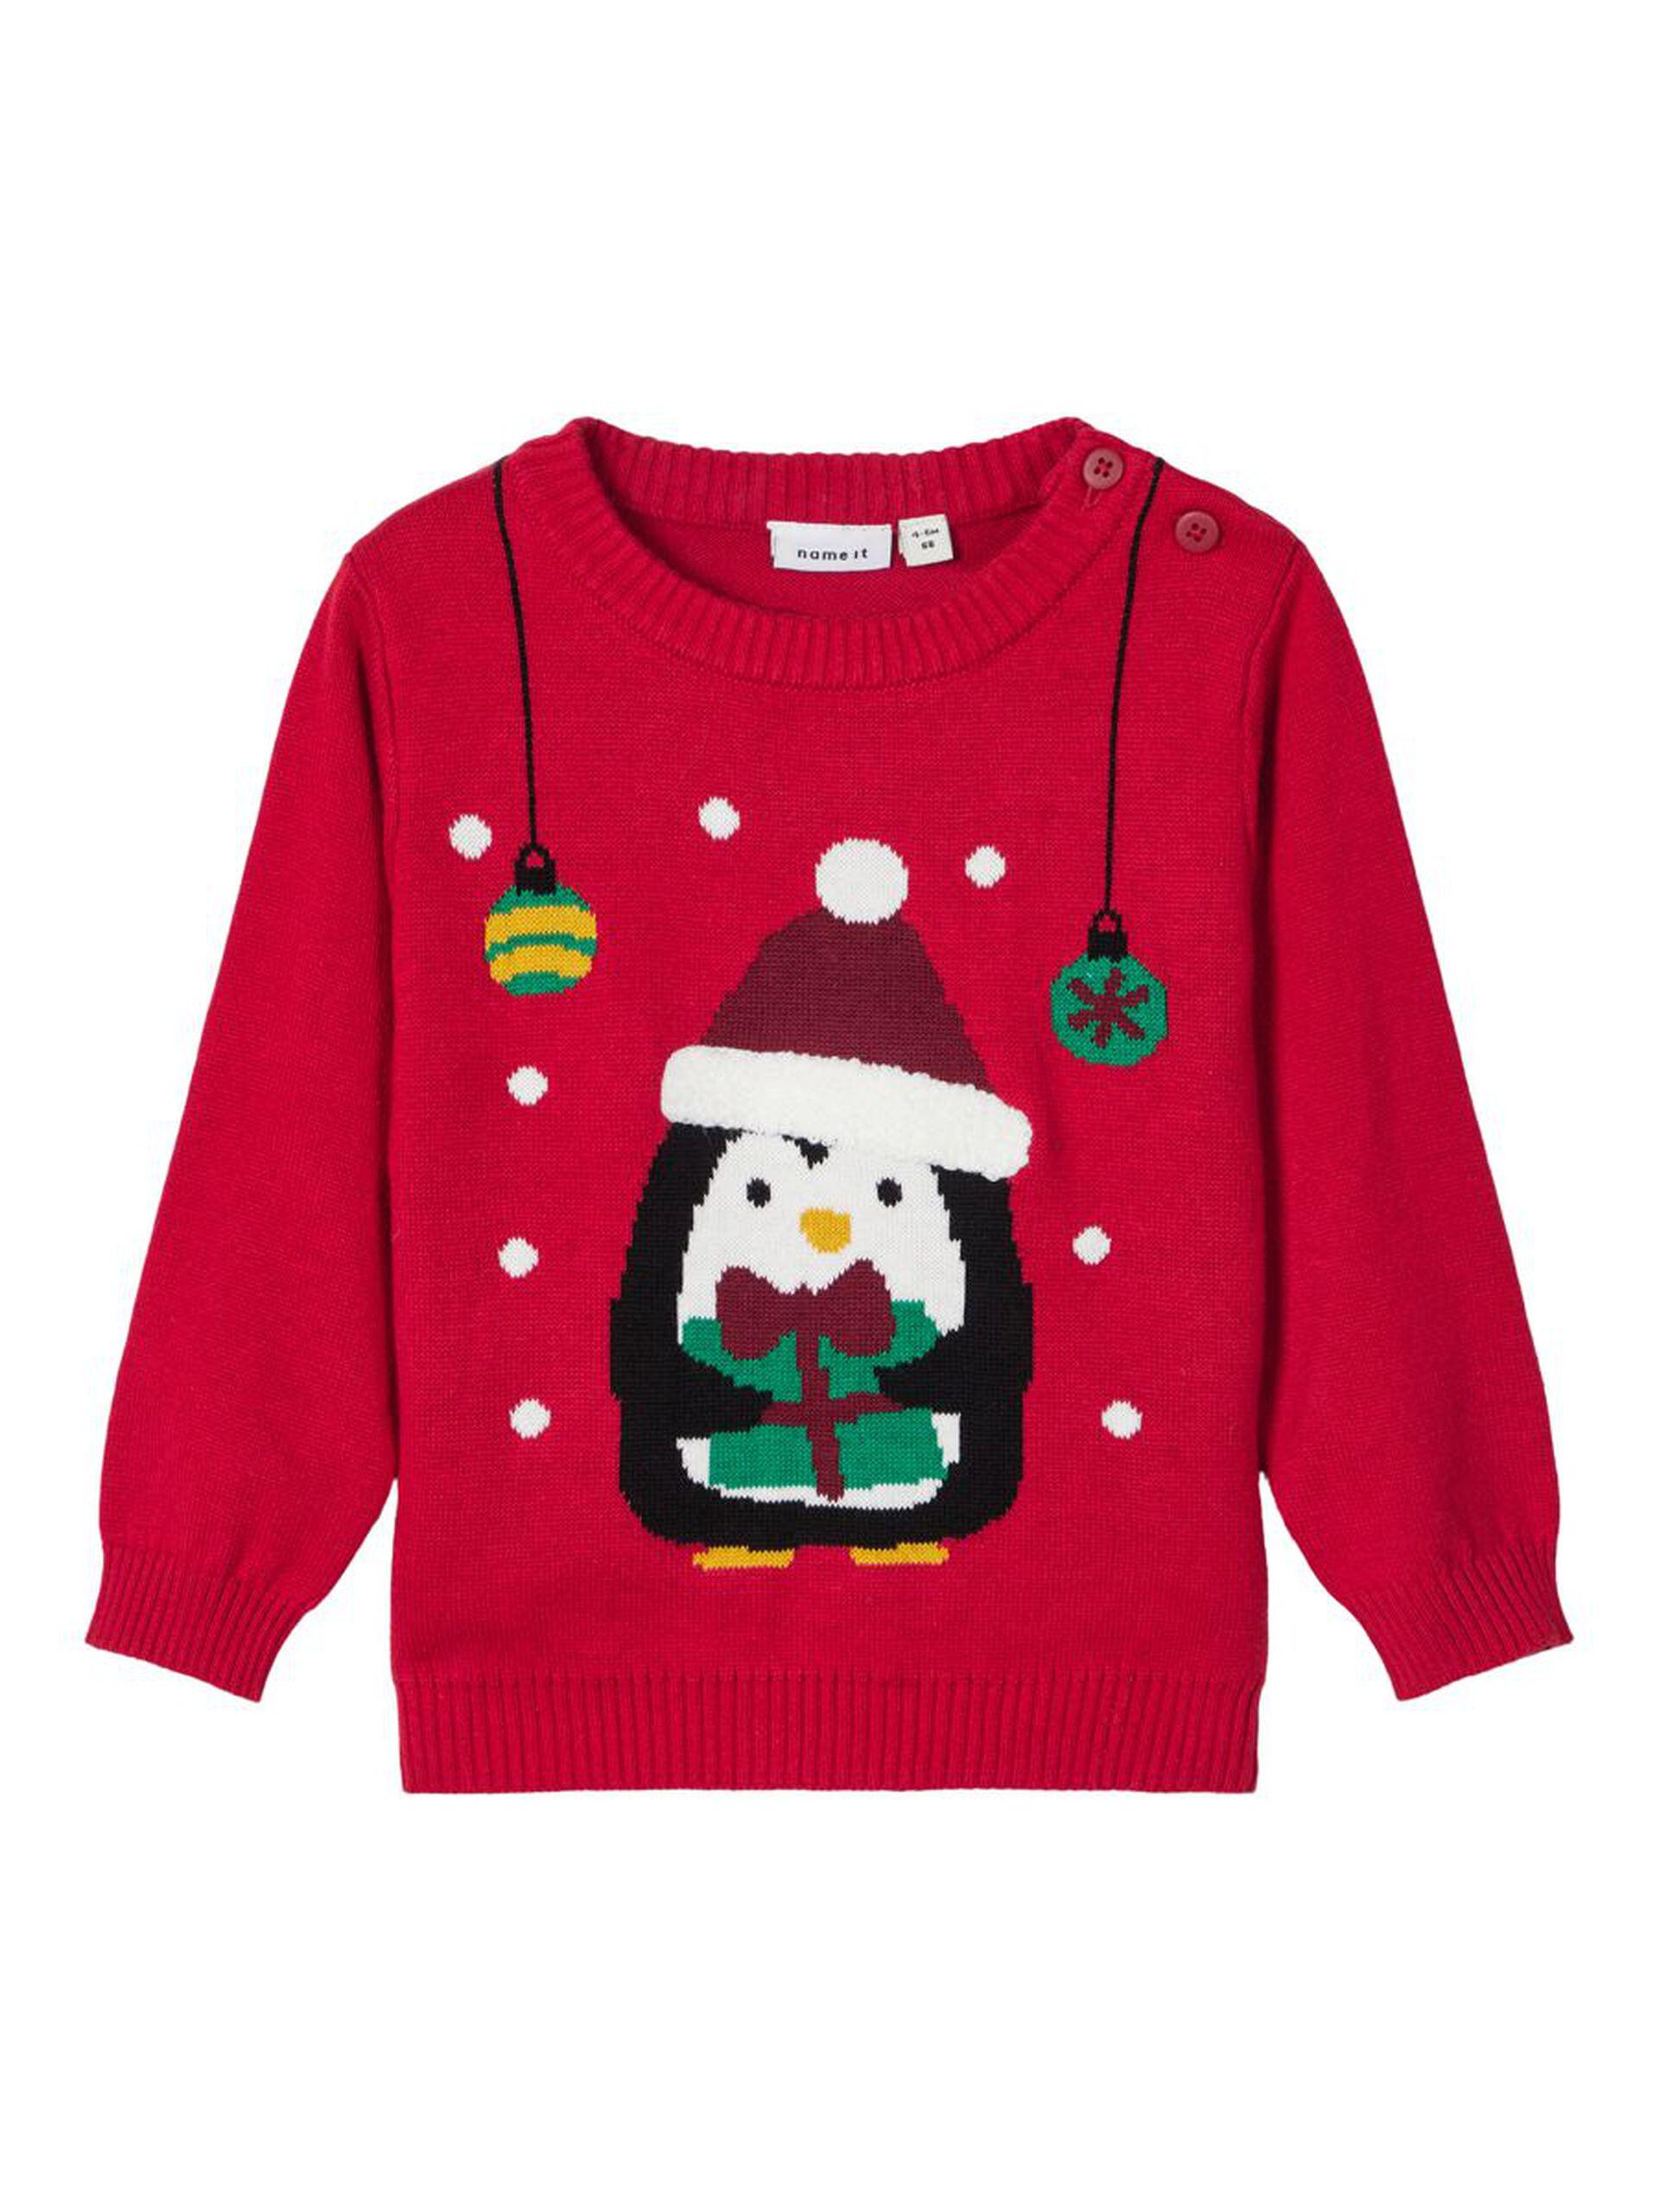 Julegenser til baby Name It – Name It rød julegenser til baby – Mio Trend